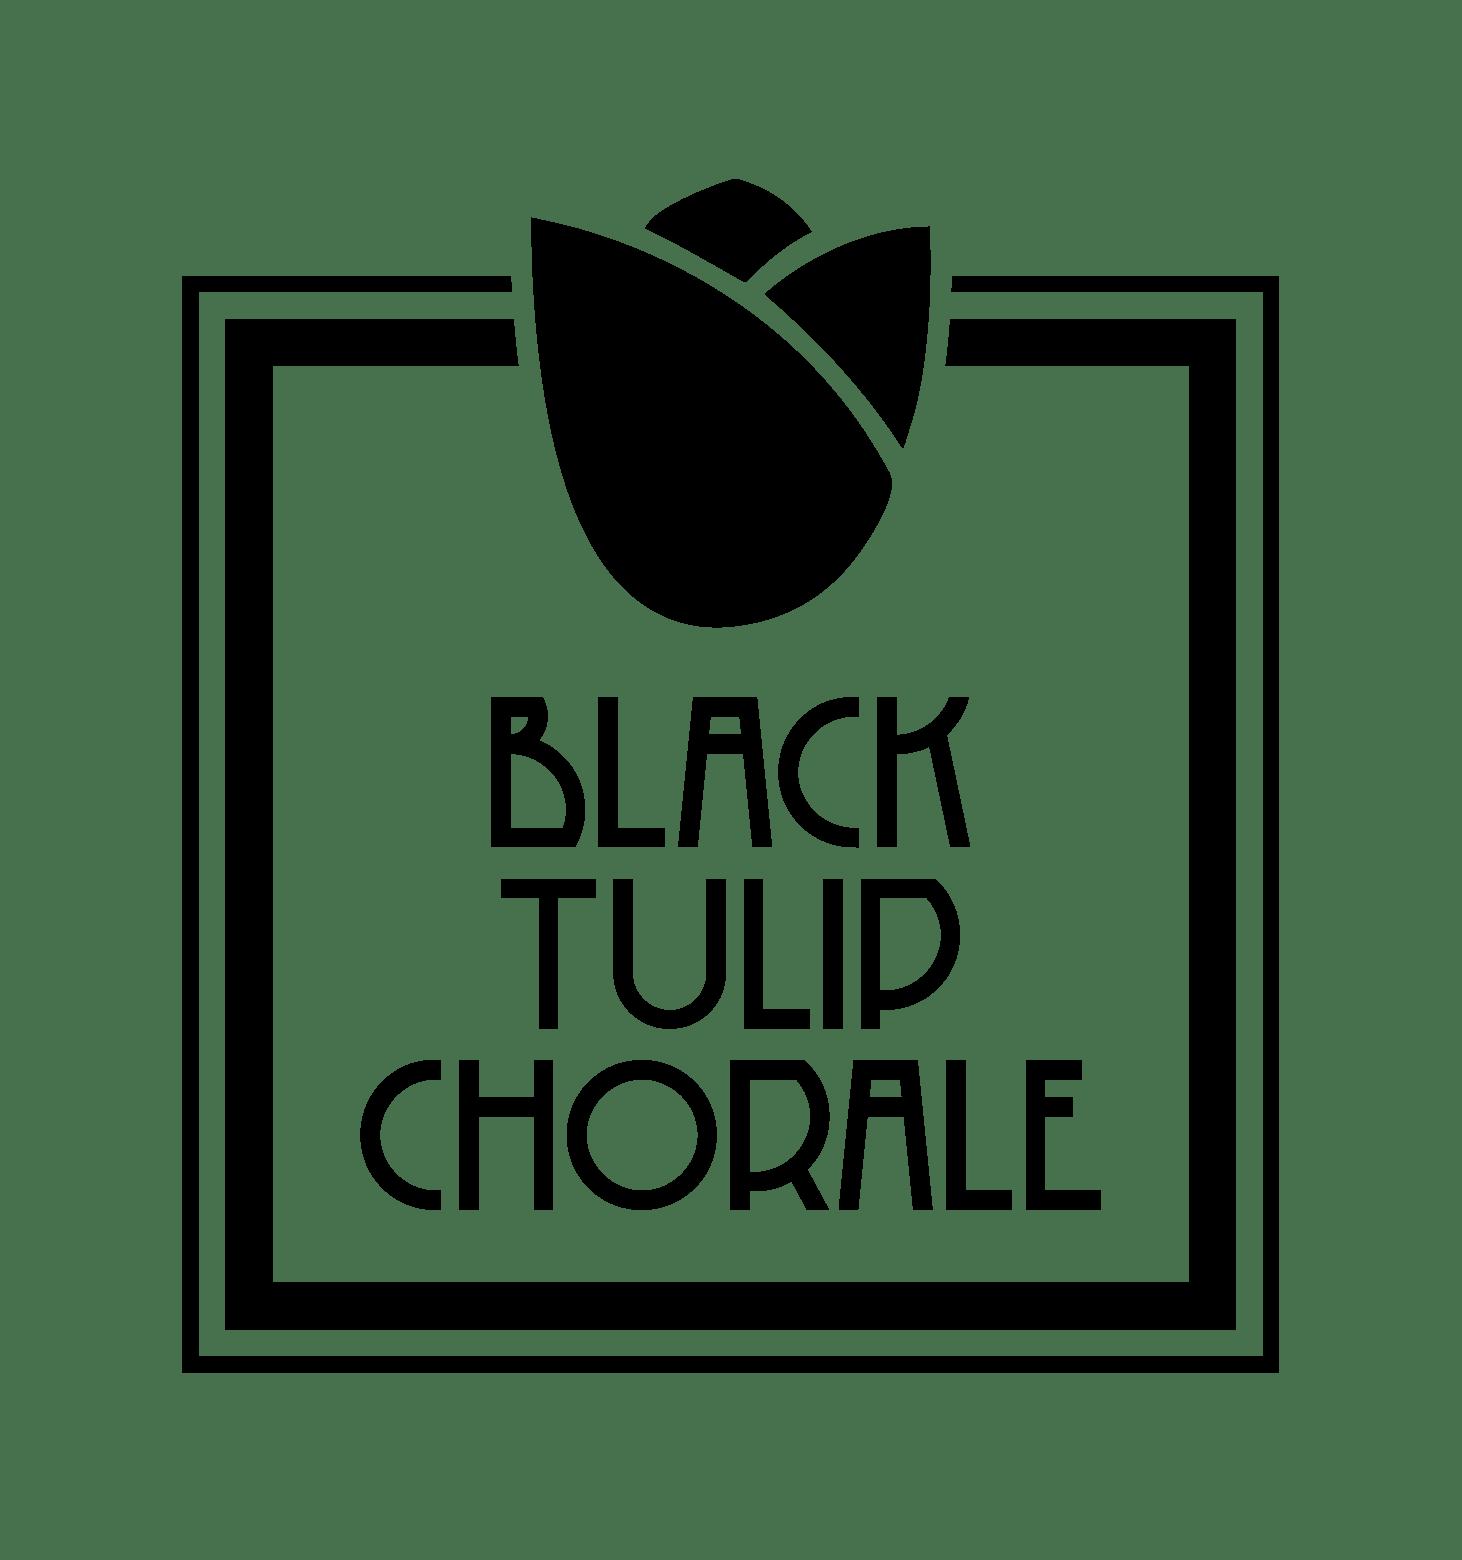 Black Tulip Chorale